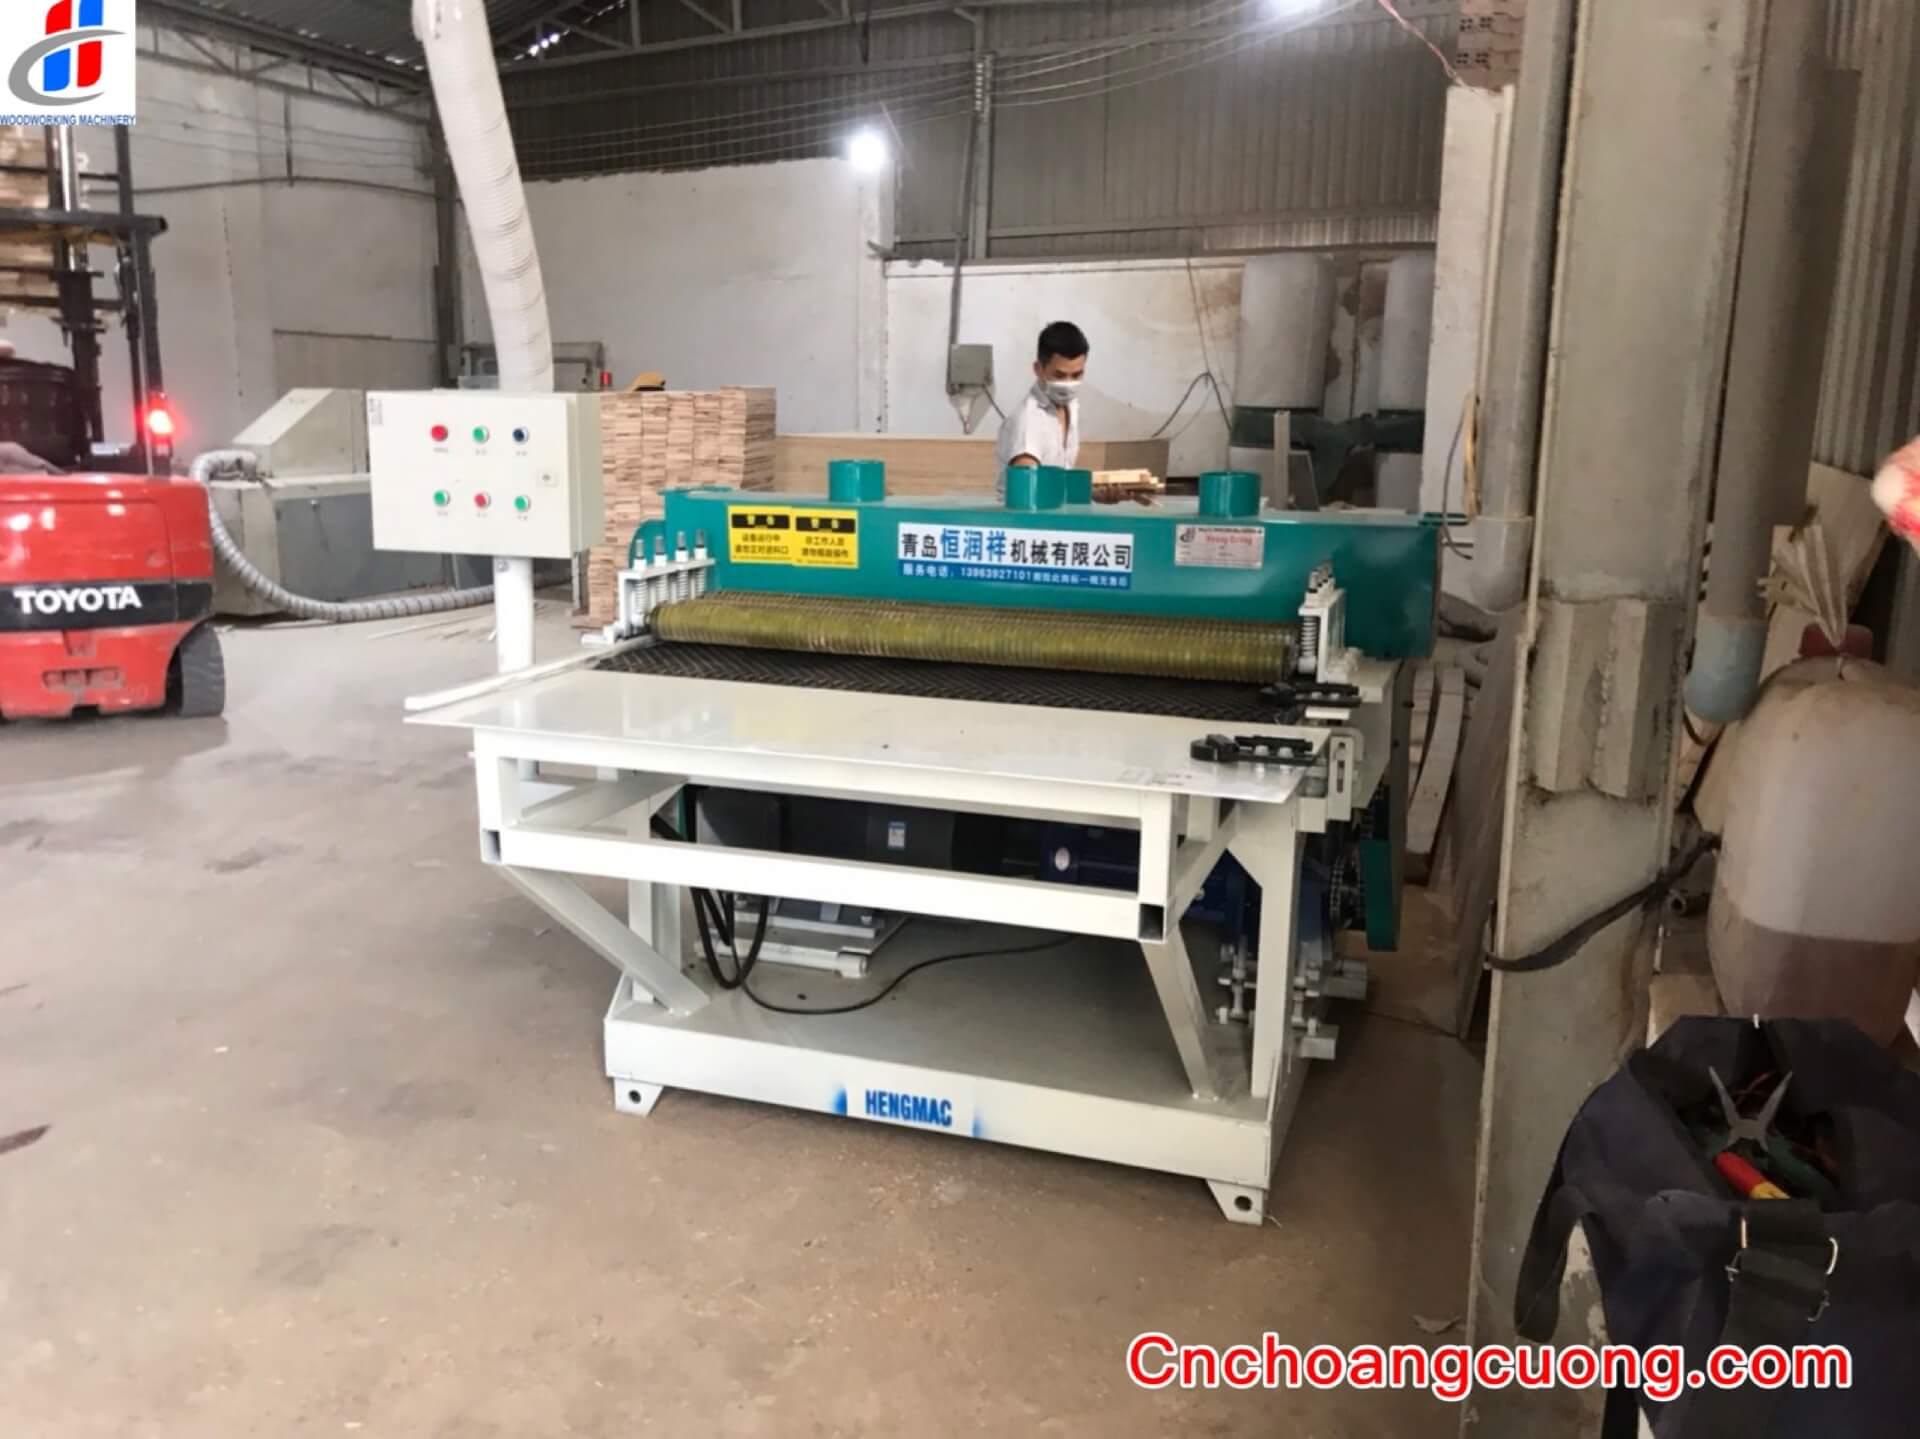 https://cnchoangcuong.com/product/may-cua-rong-nhieu-mj-1300/